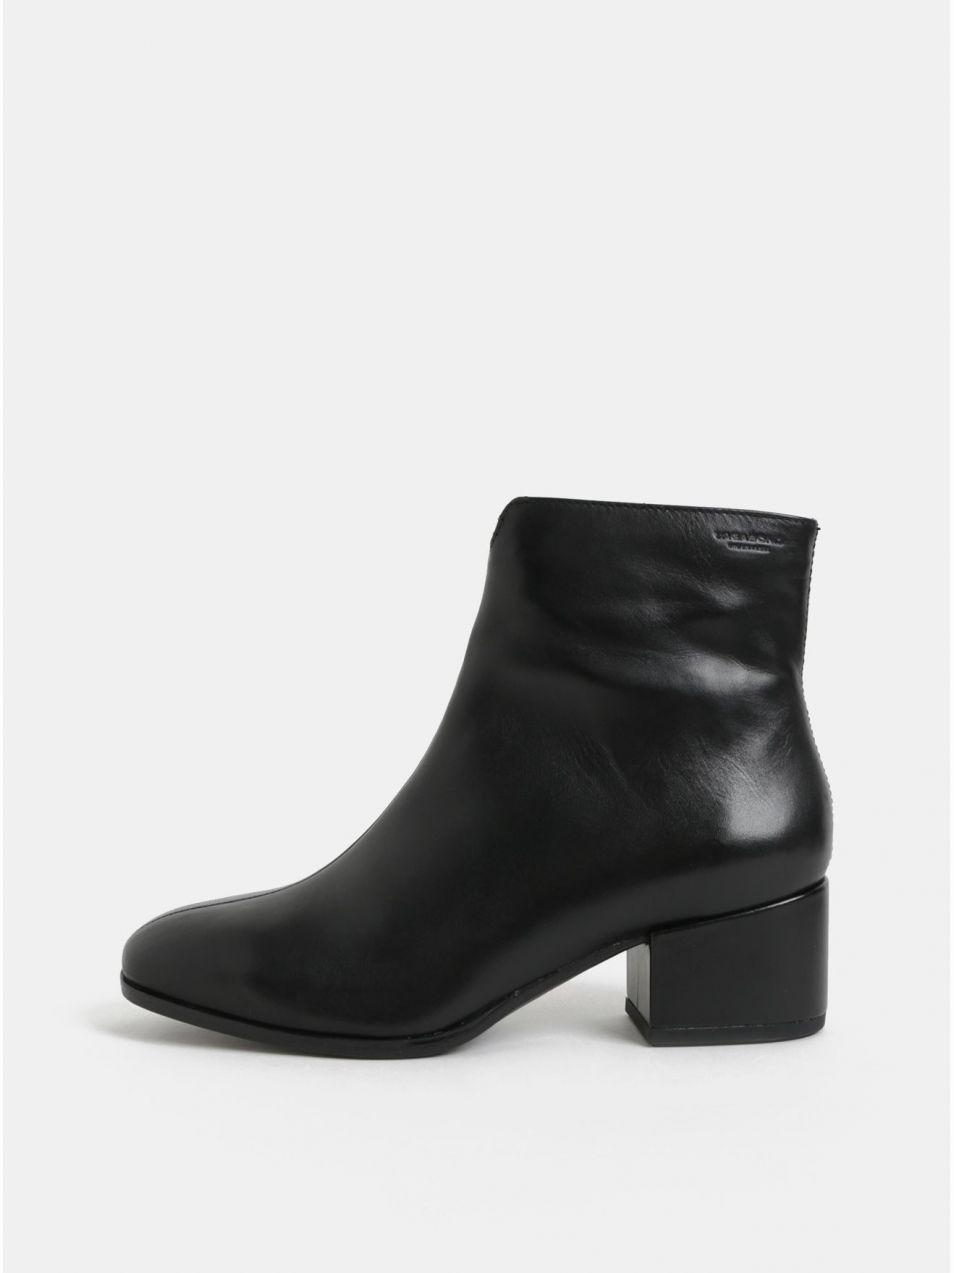 6d819c084f5a Čierne dámske kožené členkové topánky na nízkom podpätku Vagabond Daisy